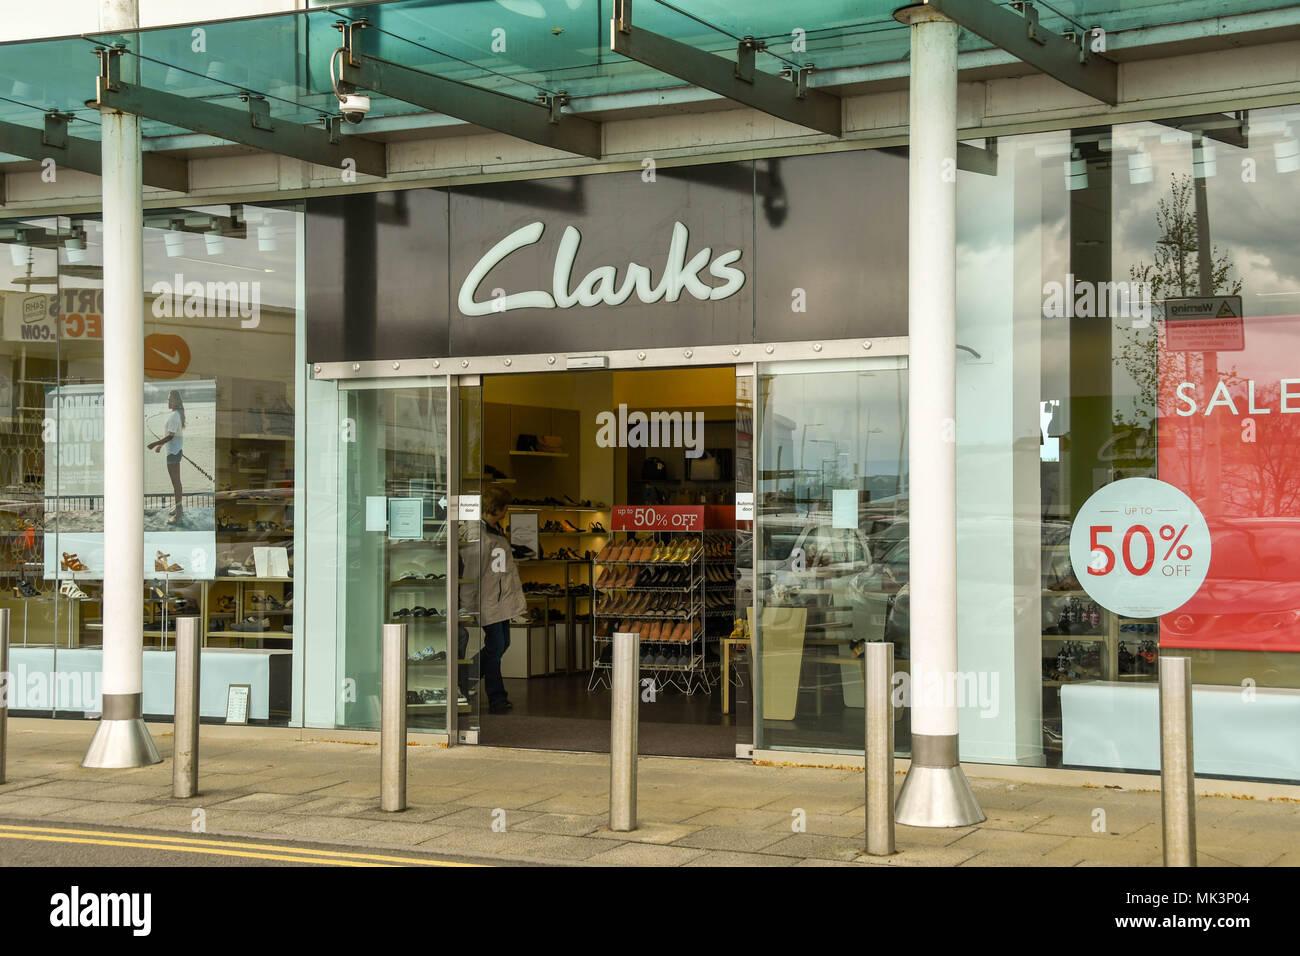 Gran cartel sobre la puerta de entrada a una tienda de Calzado Clarks en un  Retail e40db71912ee